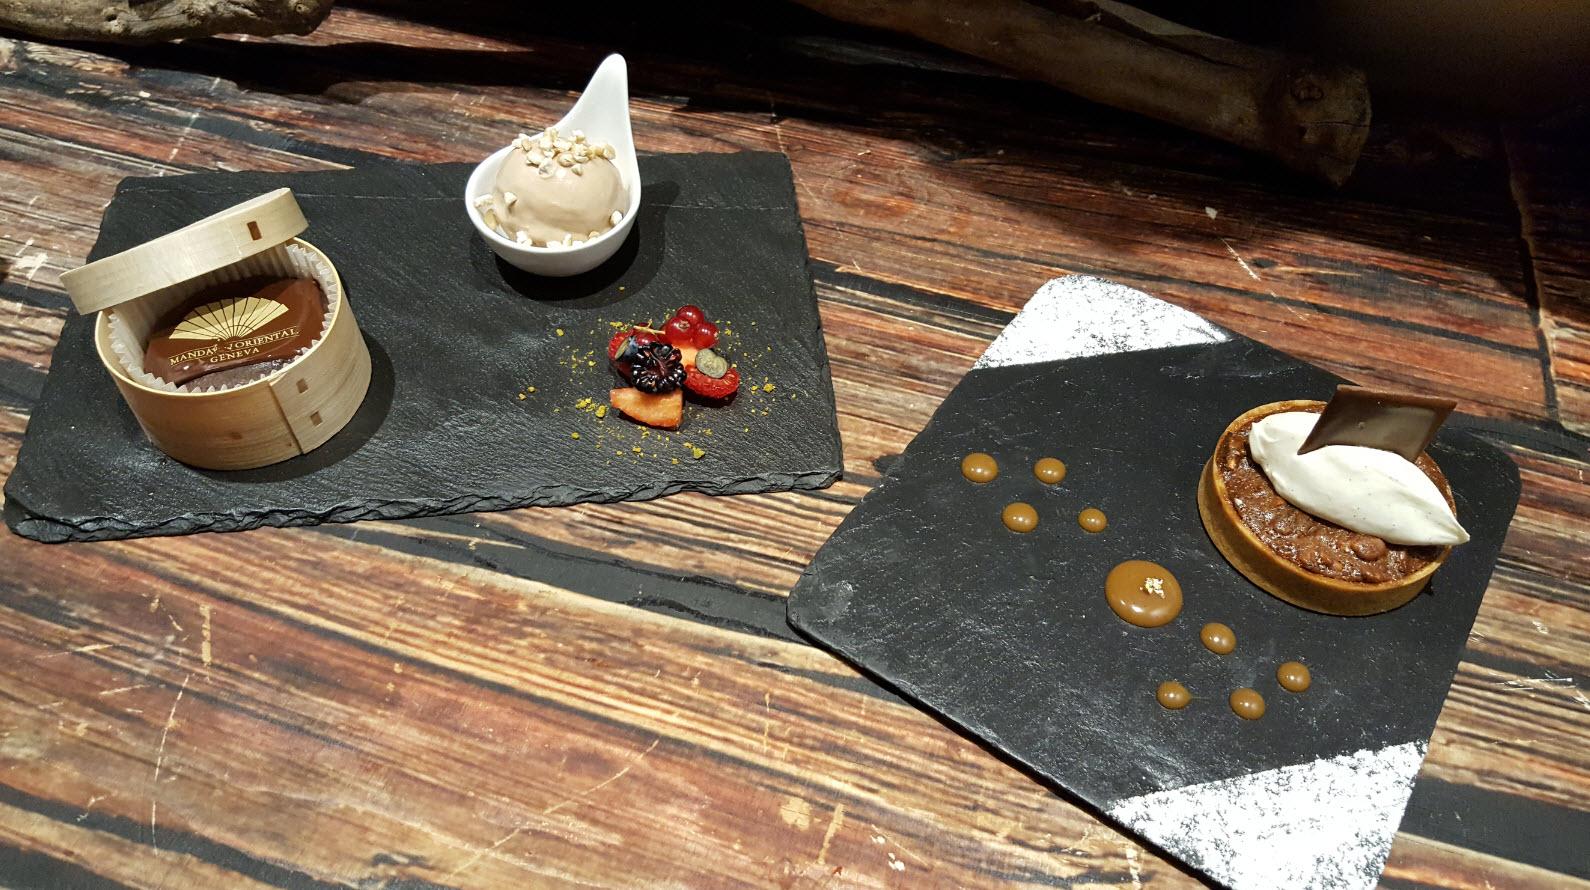 Autres desserts au menu